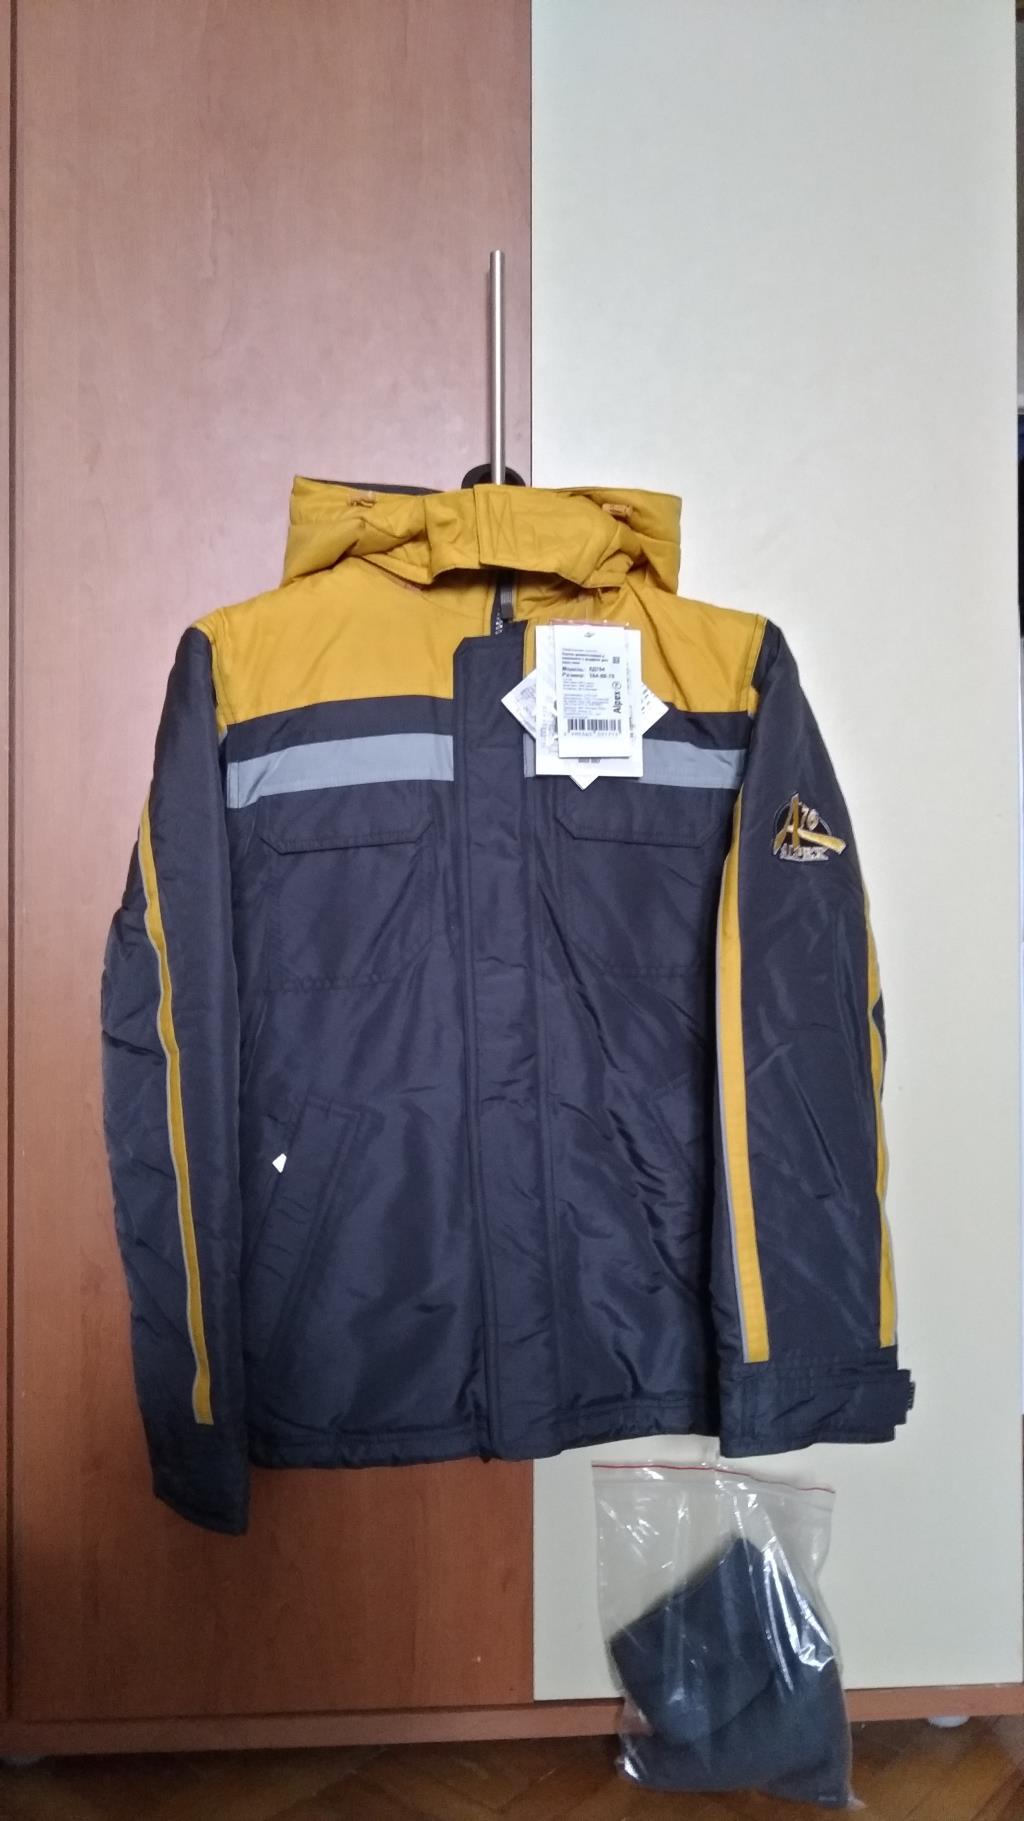 Куртка демисезонная д\м 164 Альпекс, 3200 р. . Продажа